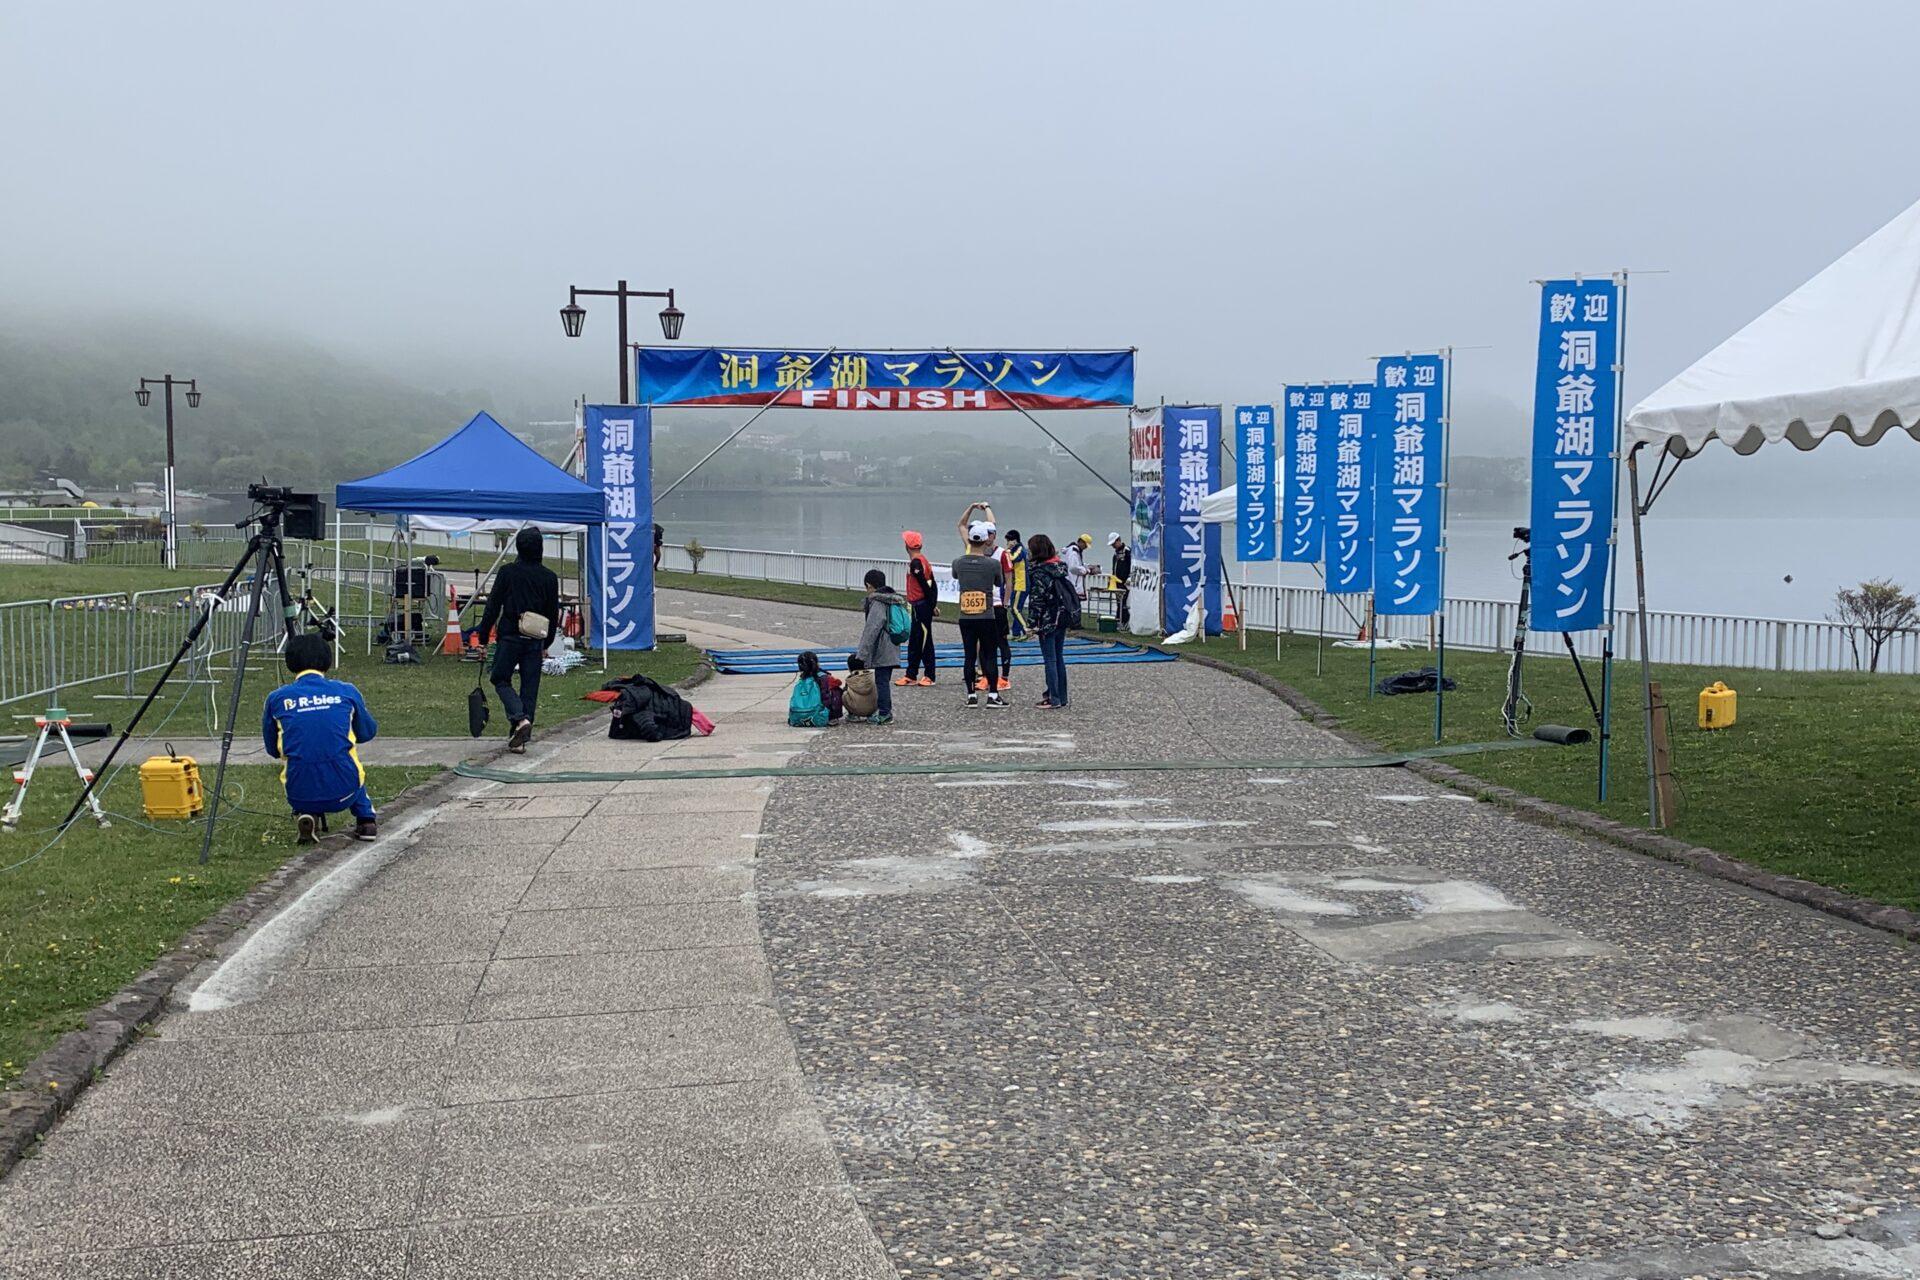 今シーズン本命・洞爺湖マラソンは極めて妥当なタイムでフィニッシュ